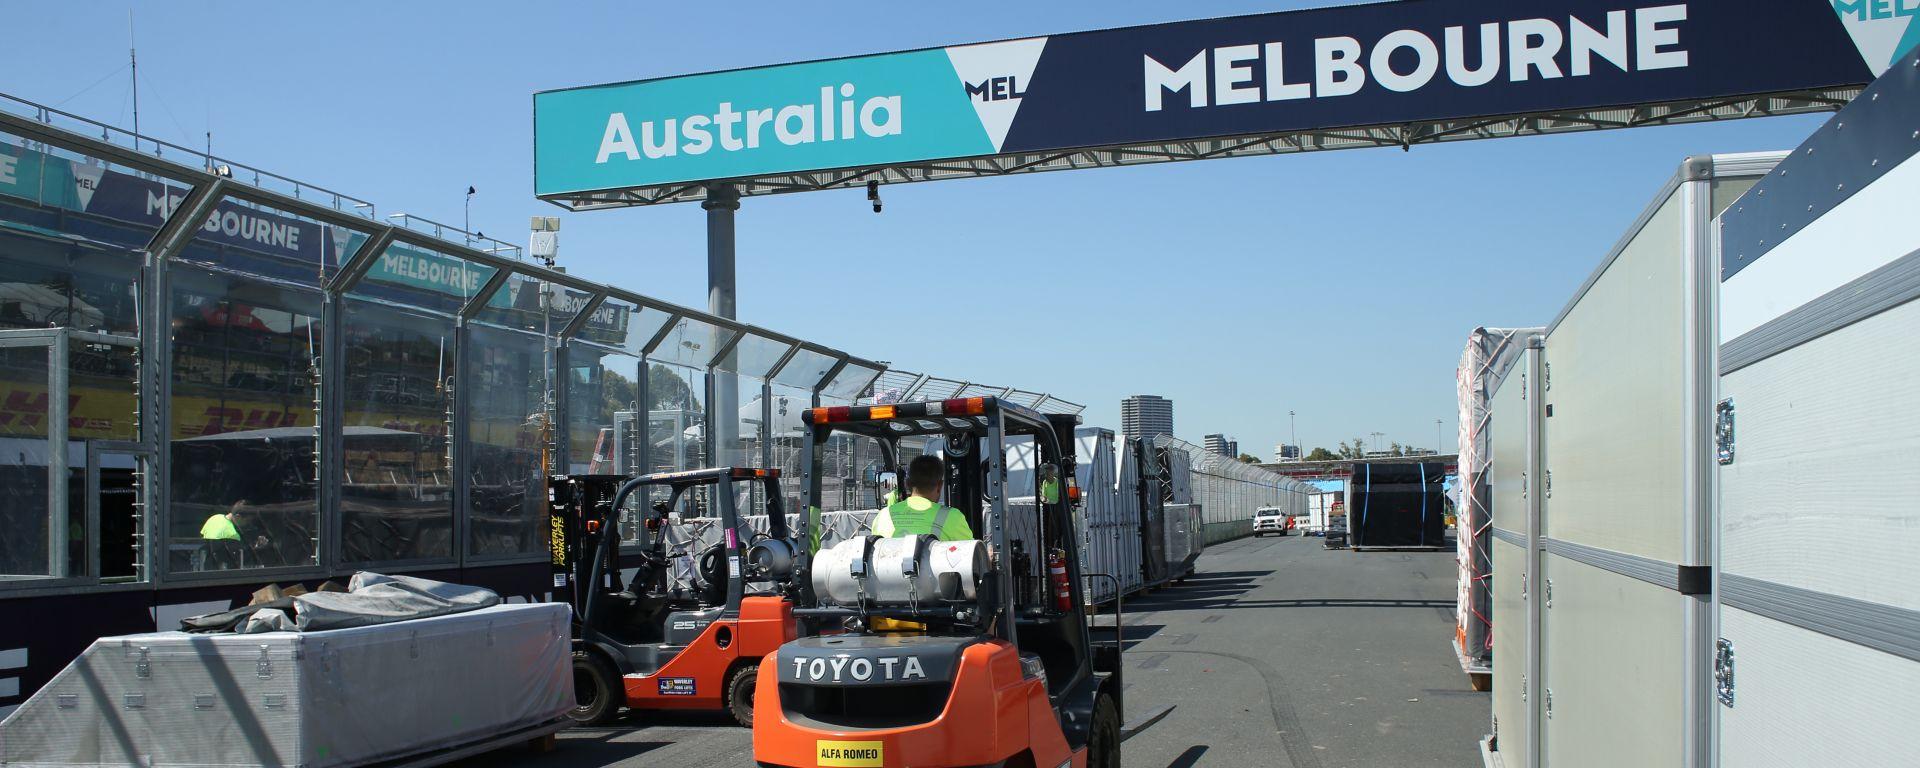 F1, GP Australia 2020: preparativi sul circuito dell'Albert Park a Melbourne